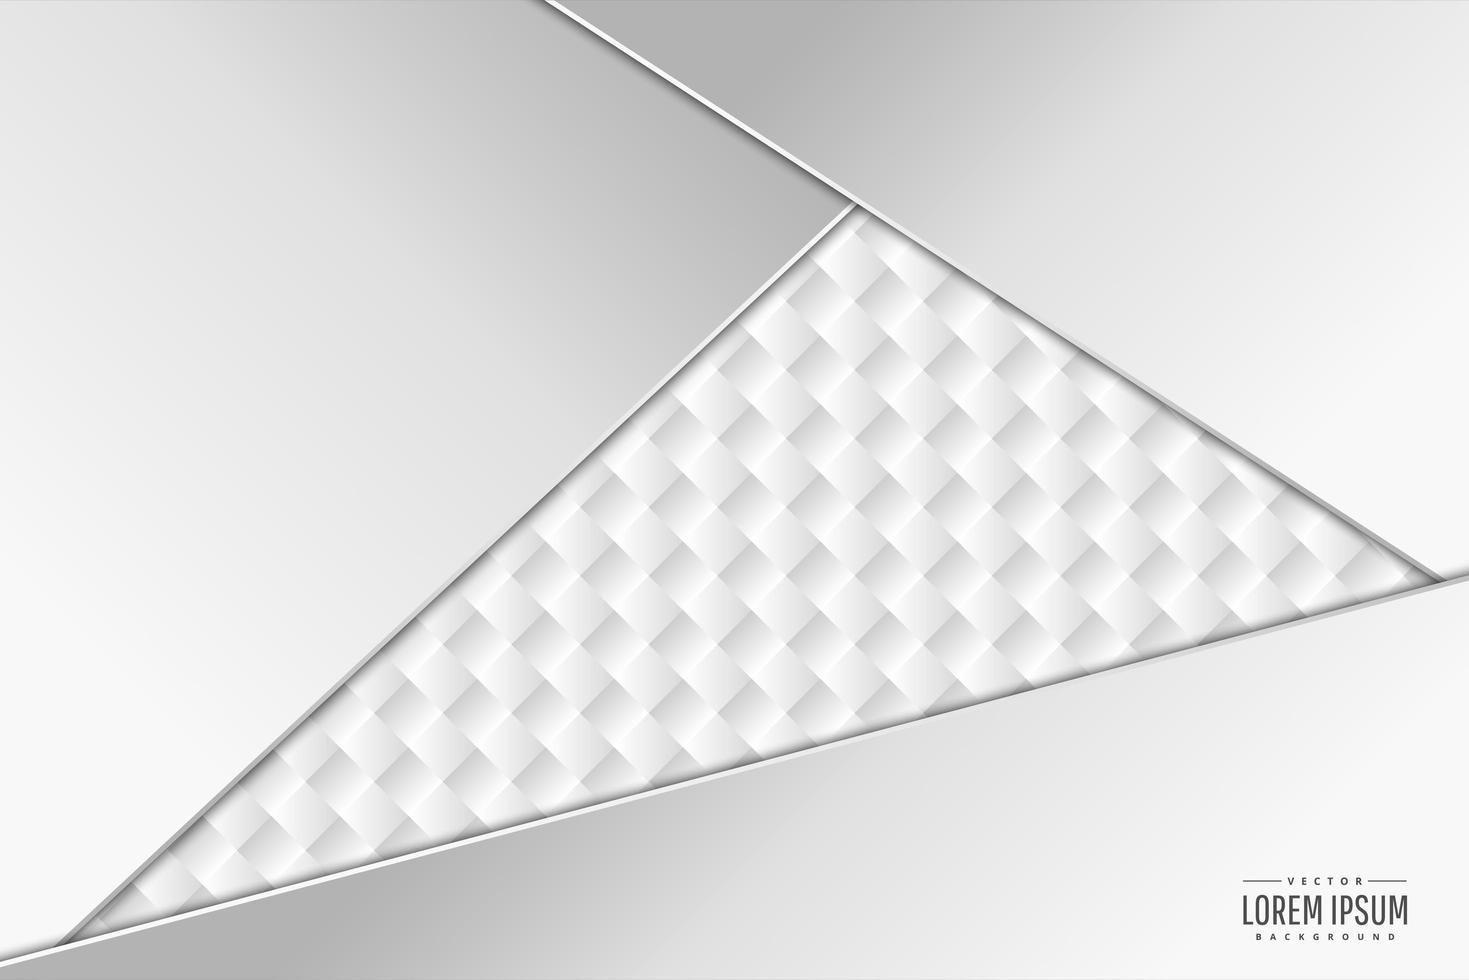 moderne witte en zilveren metalen achtergrond vector